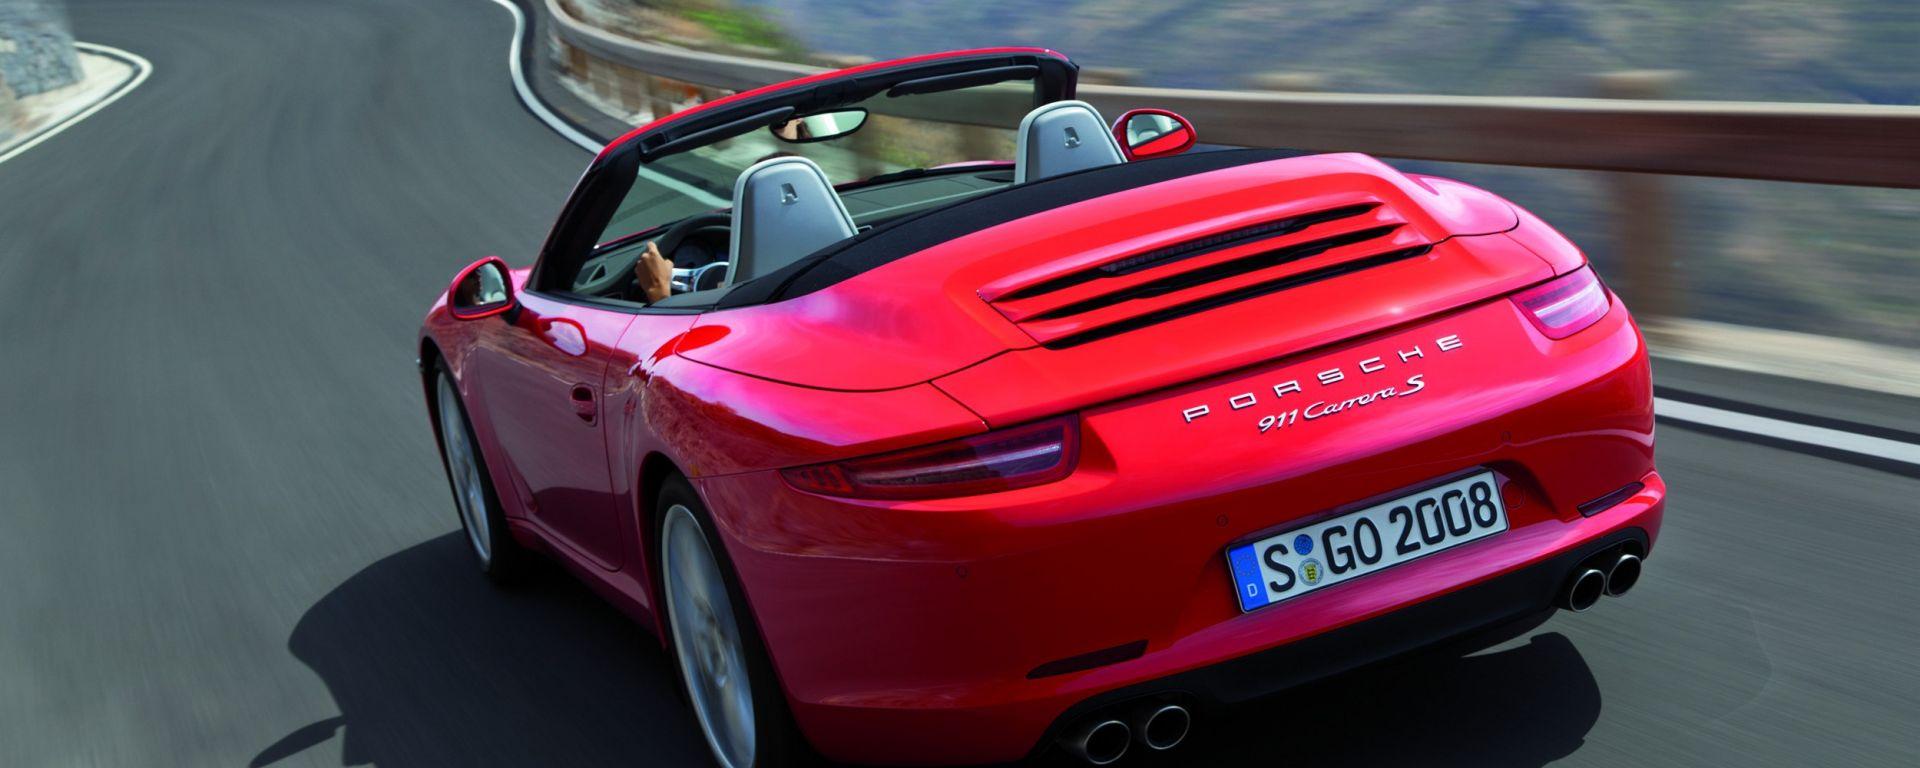 Porsche 911 Cabriolet 2012: foto e video ufficiali